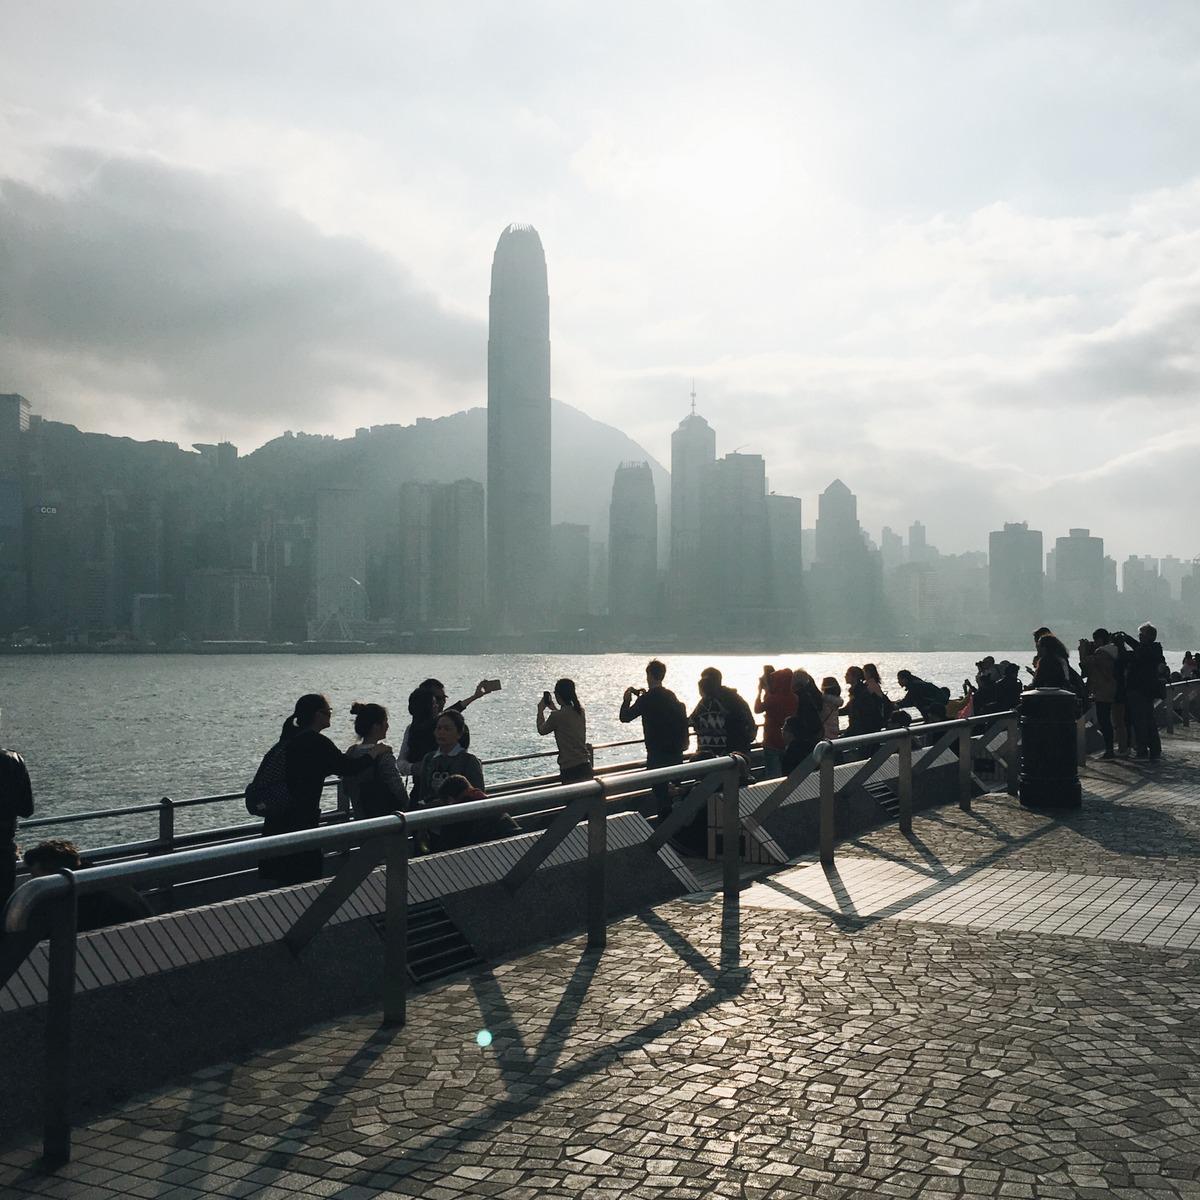 Hong Kong Day 1